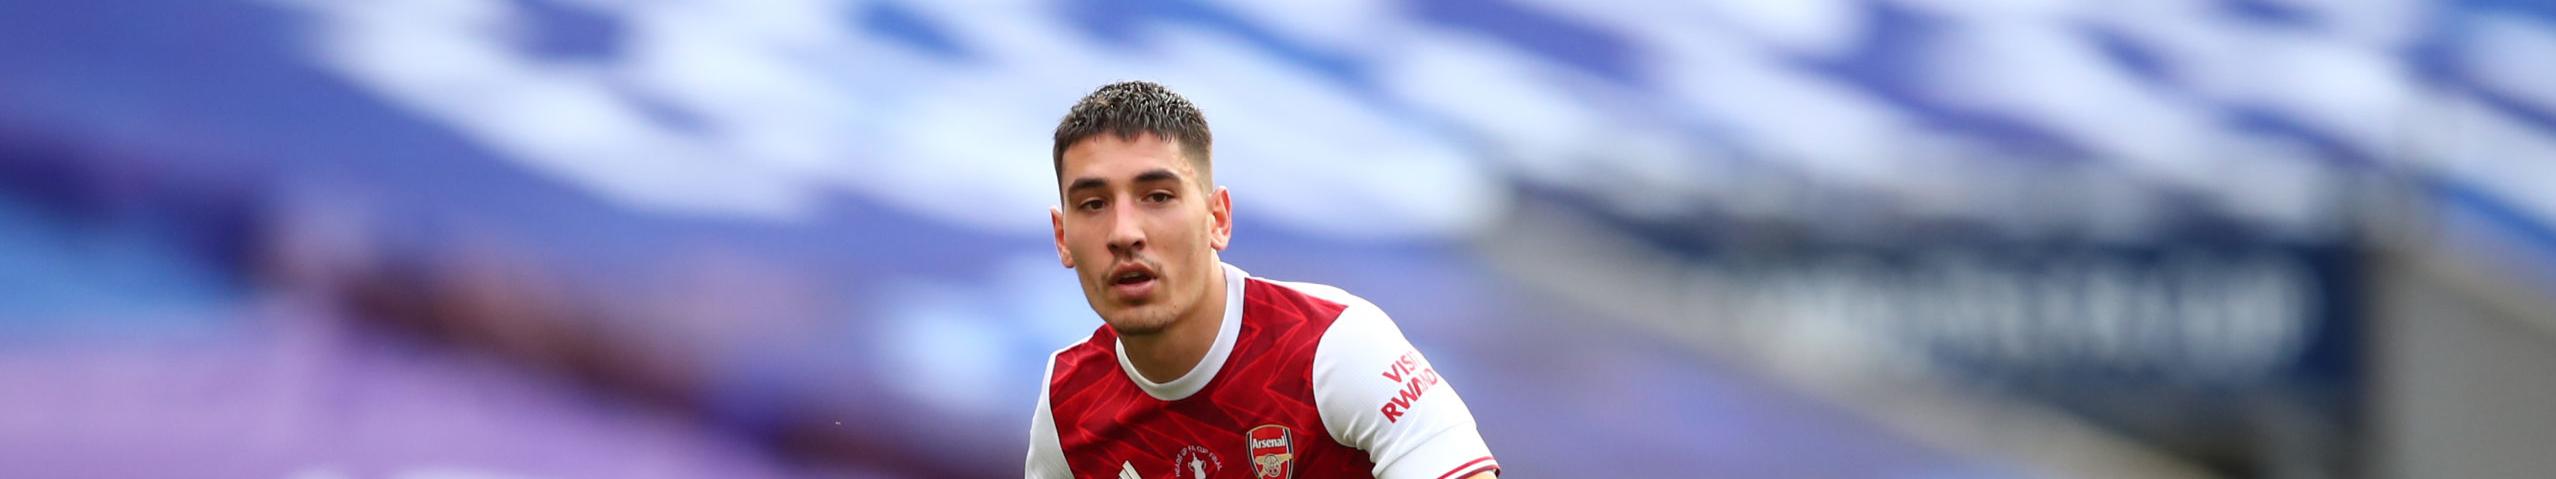 Pronostici Europa League, 3ª giornata: Arsenal-Molde da 1° posto, che equilibrio nel Gruppo C